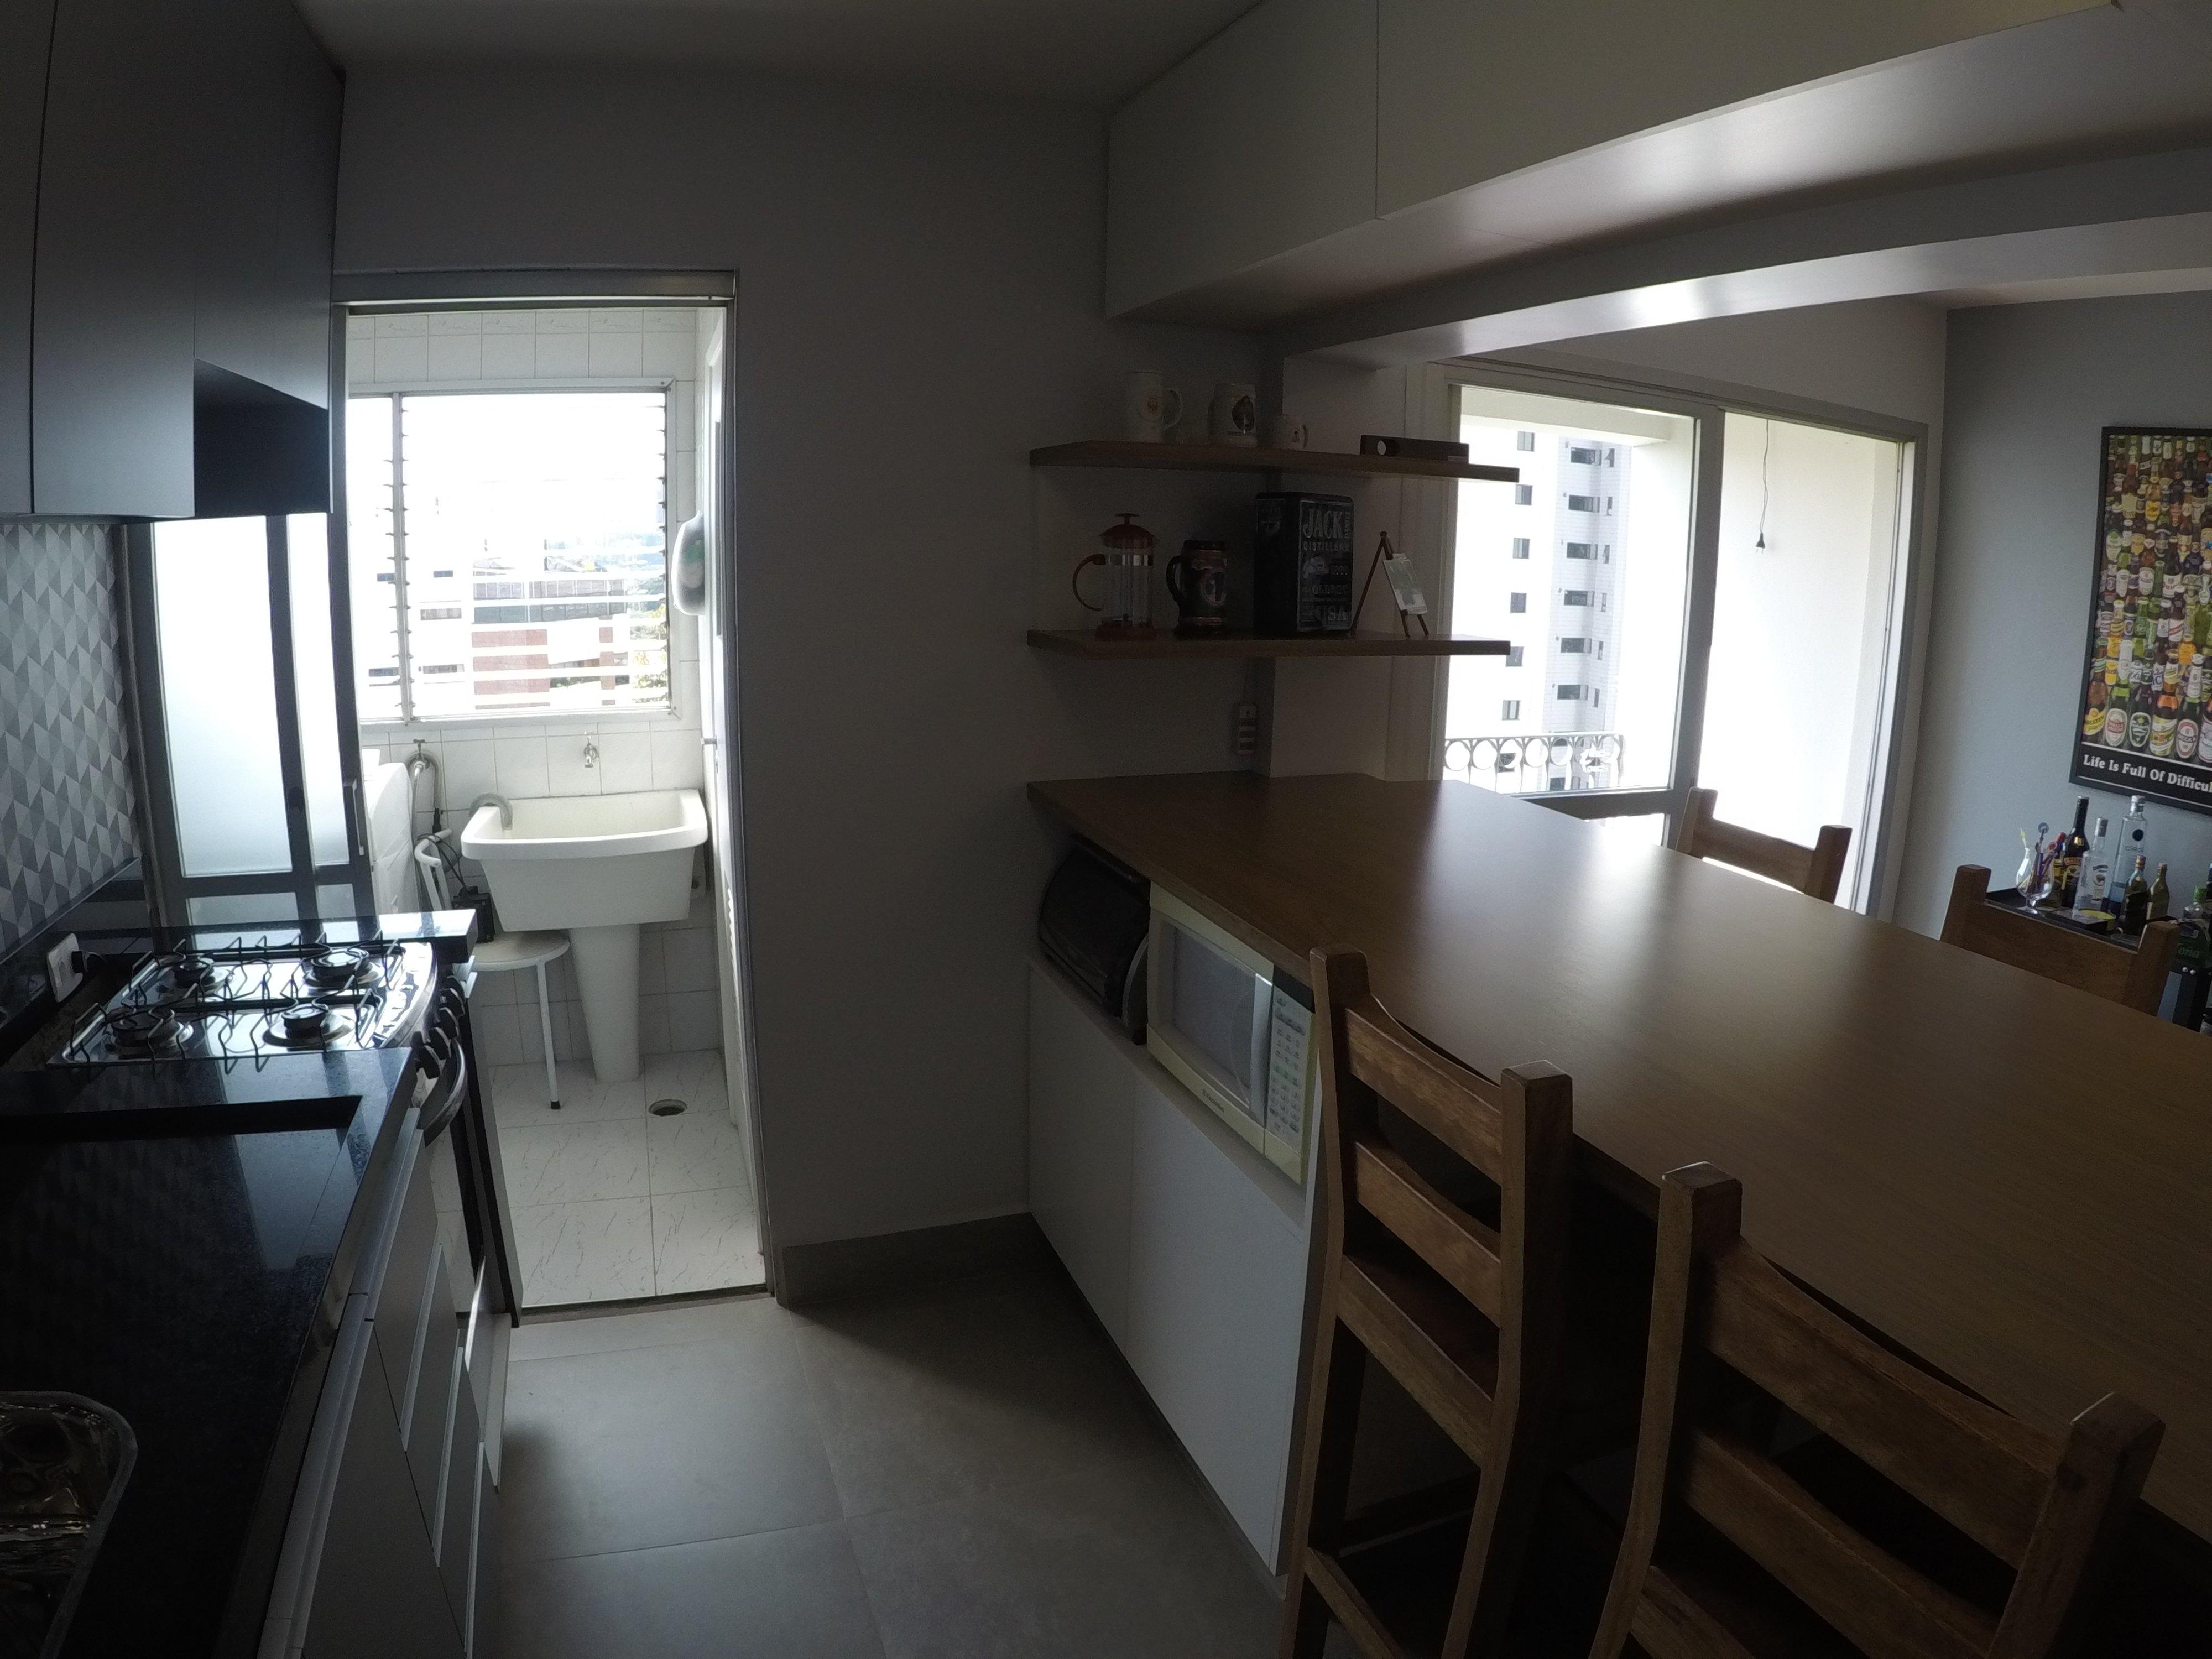 Foto de Cozinha com garrafa, cadeira, pia, mesa de jantar